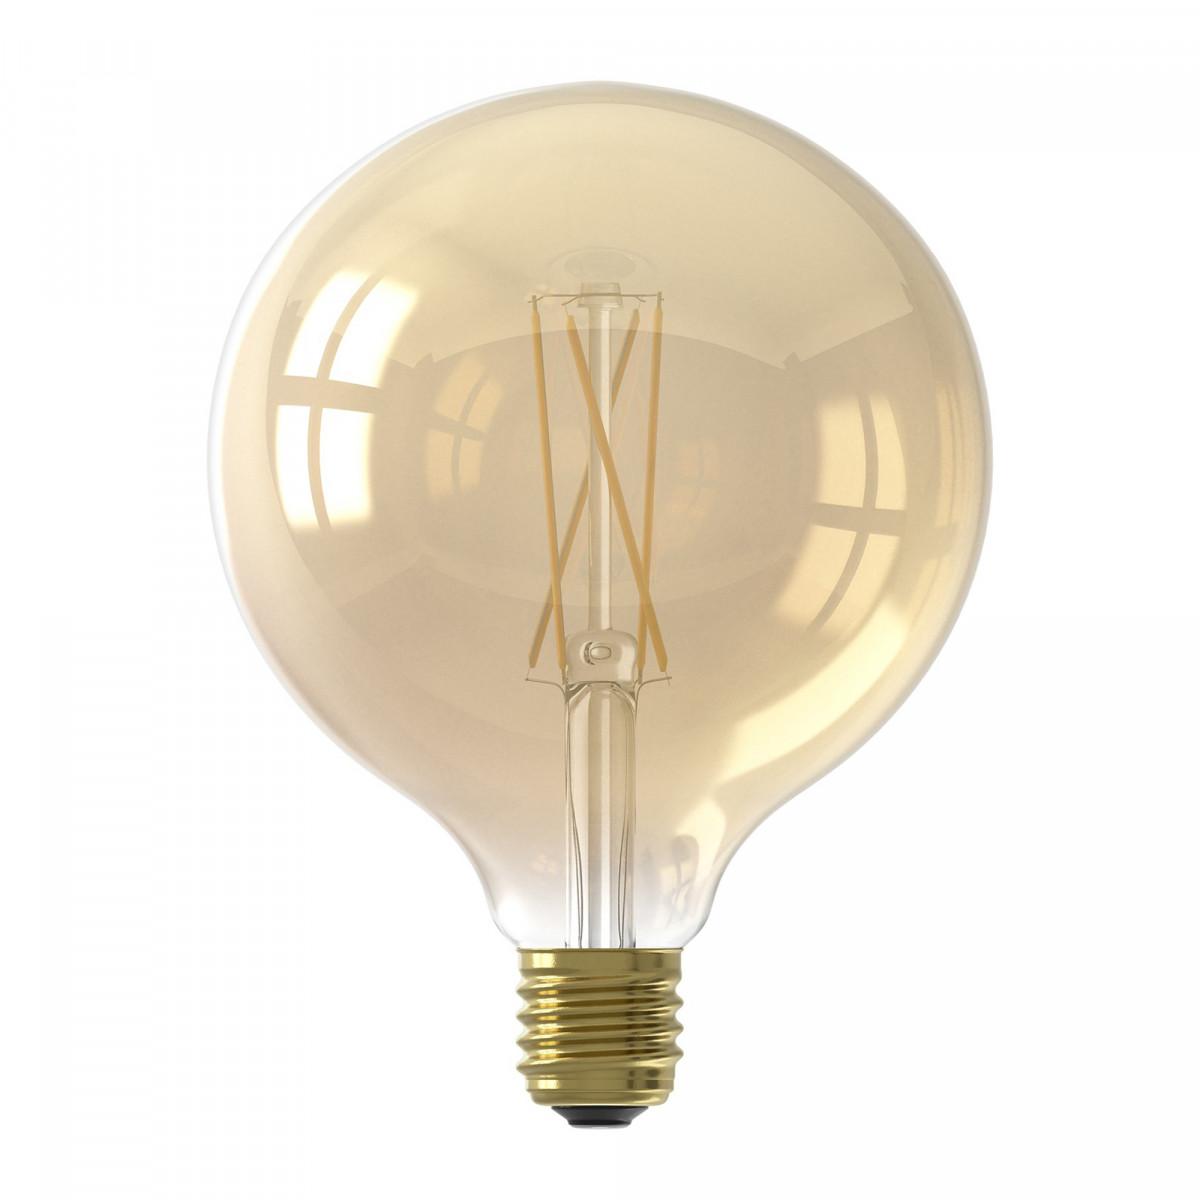 Grote LED lichtbron 6 watt dimbaar goudkleurig